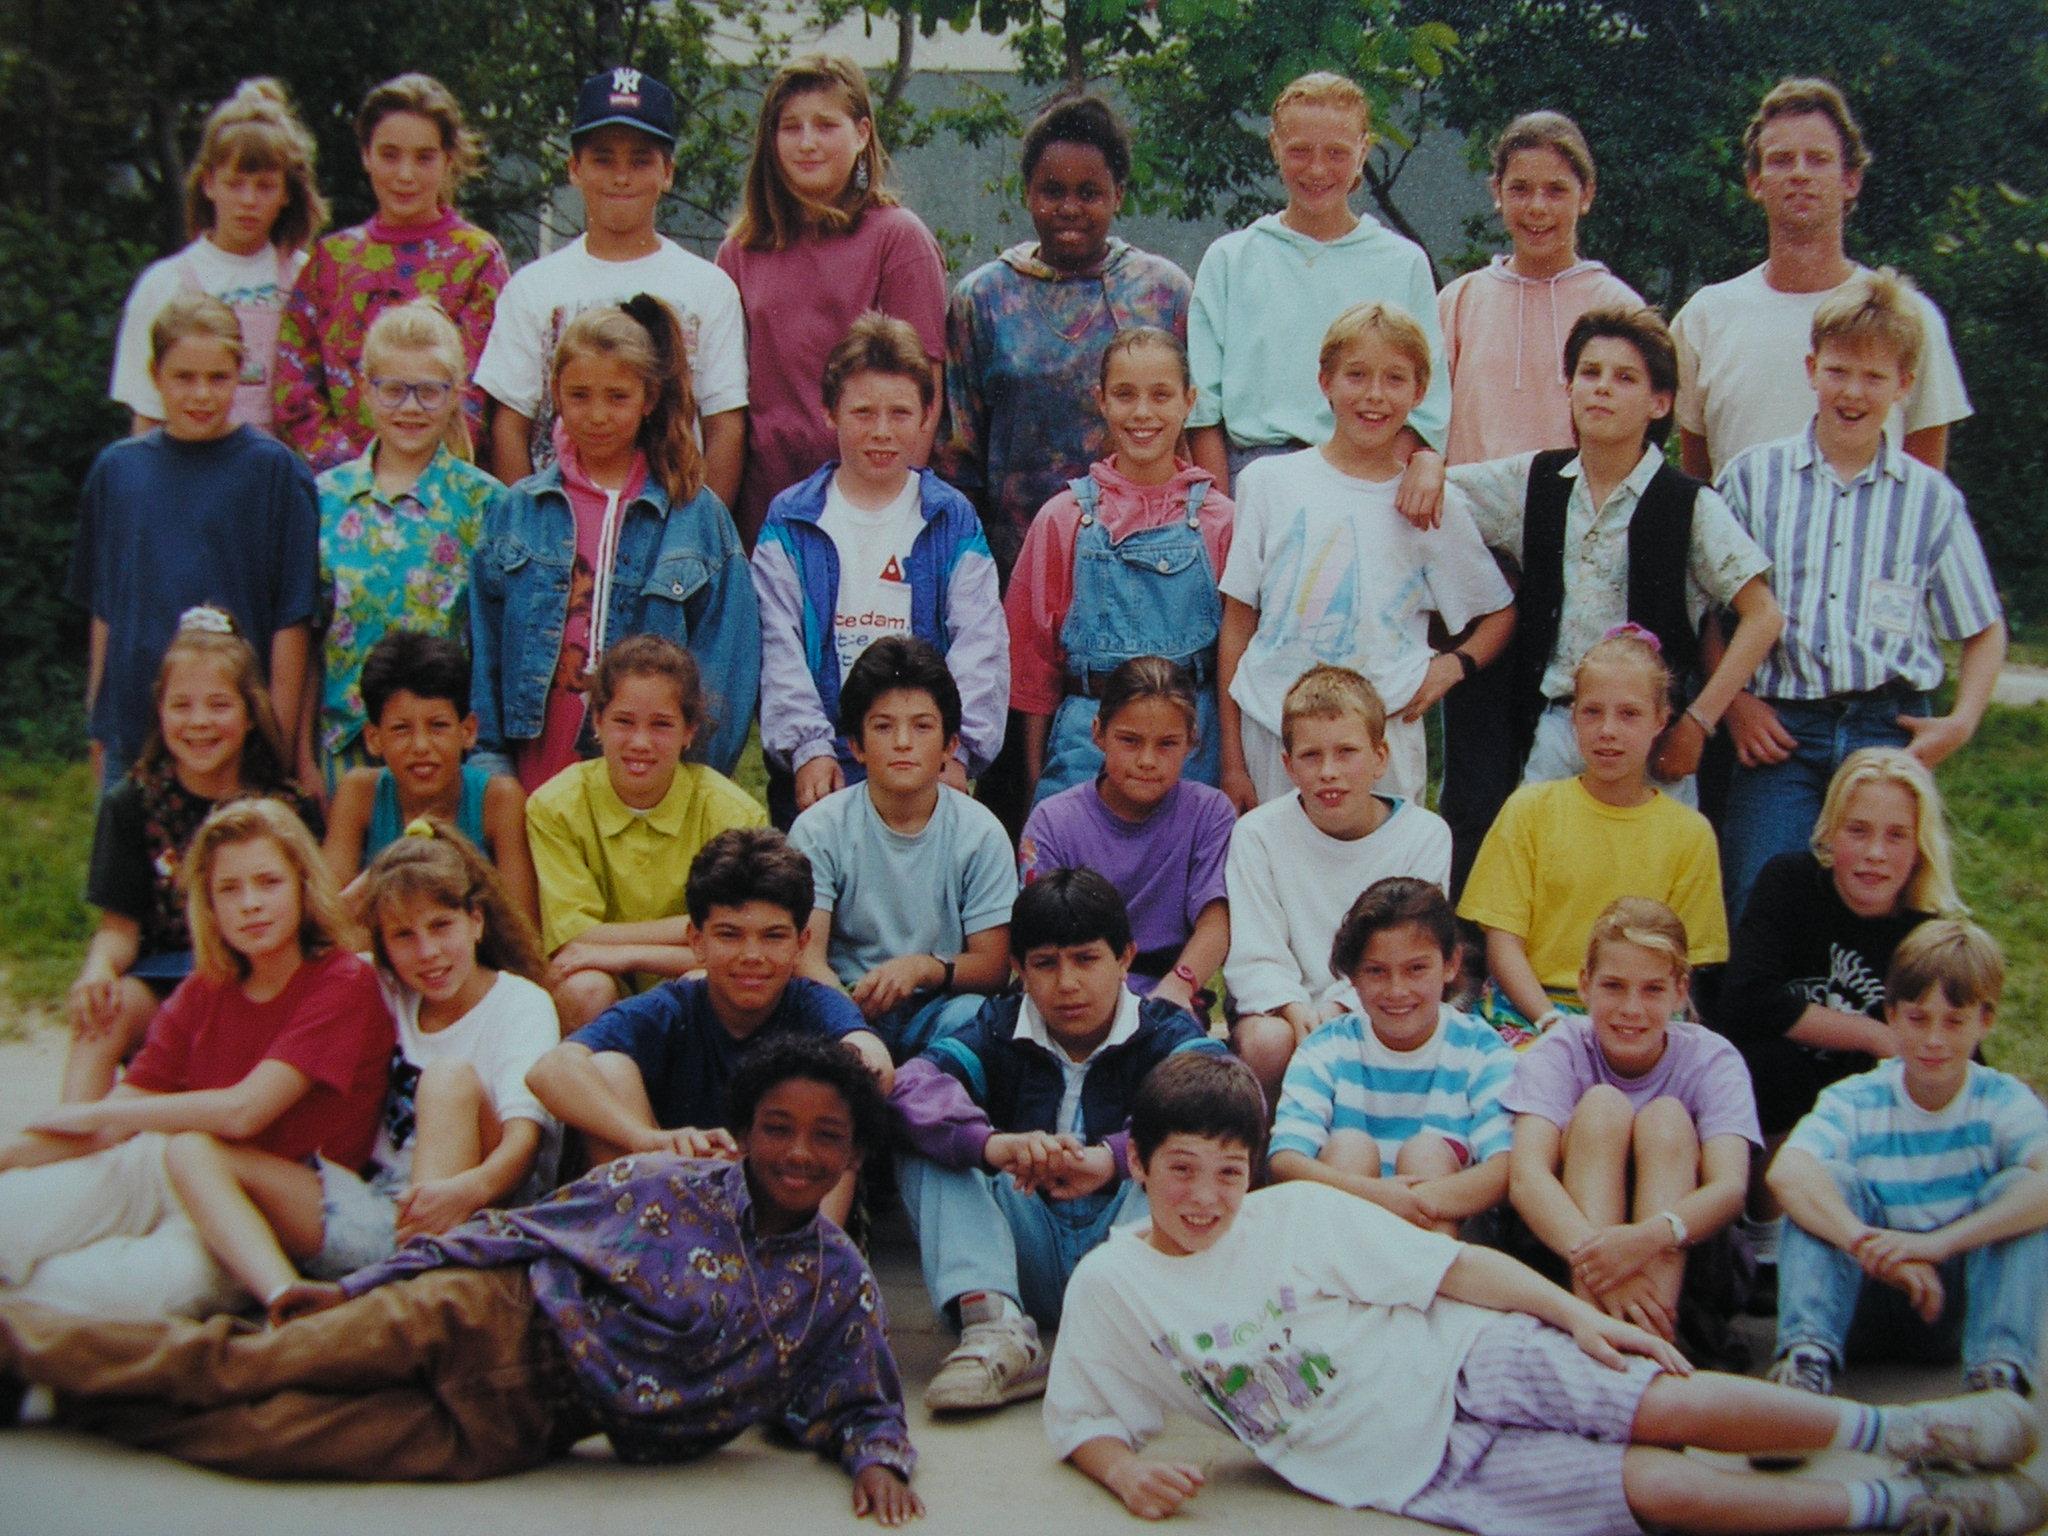 15e montessorischool (maas en waal) foto